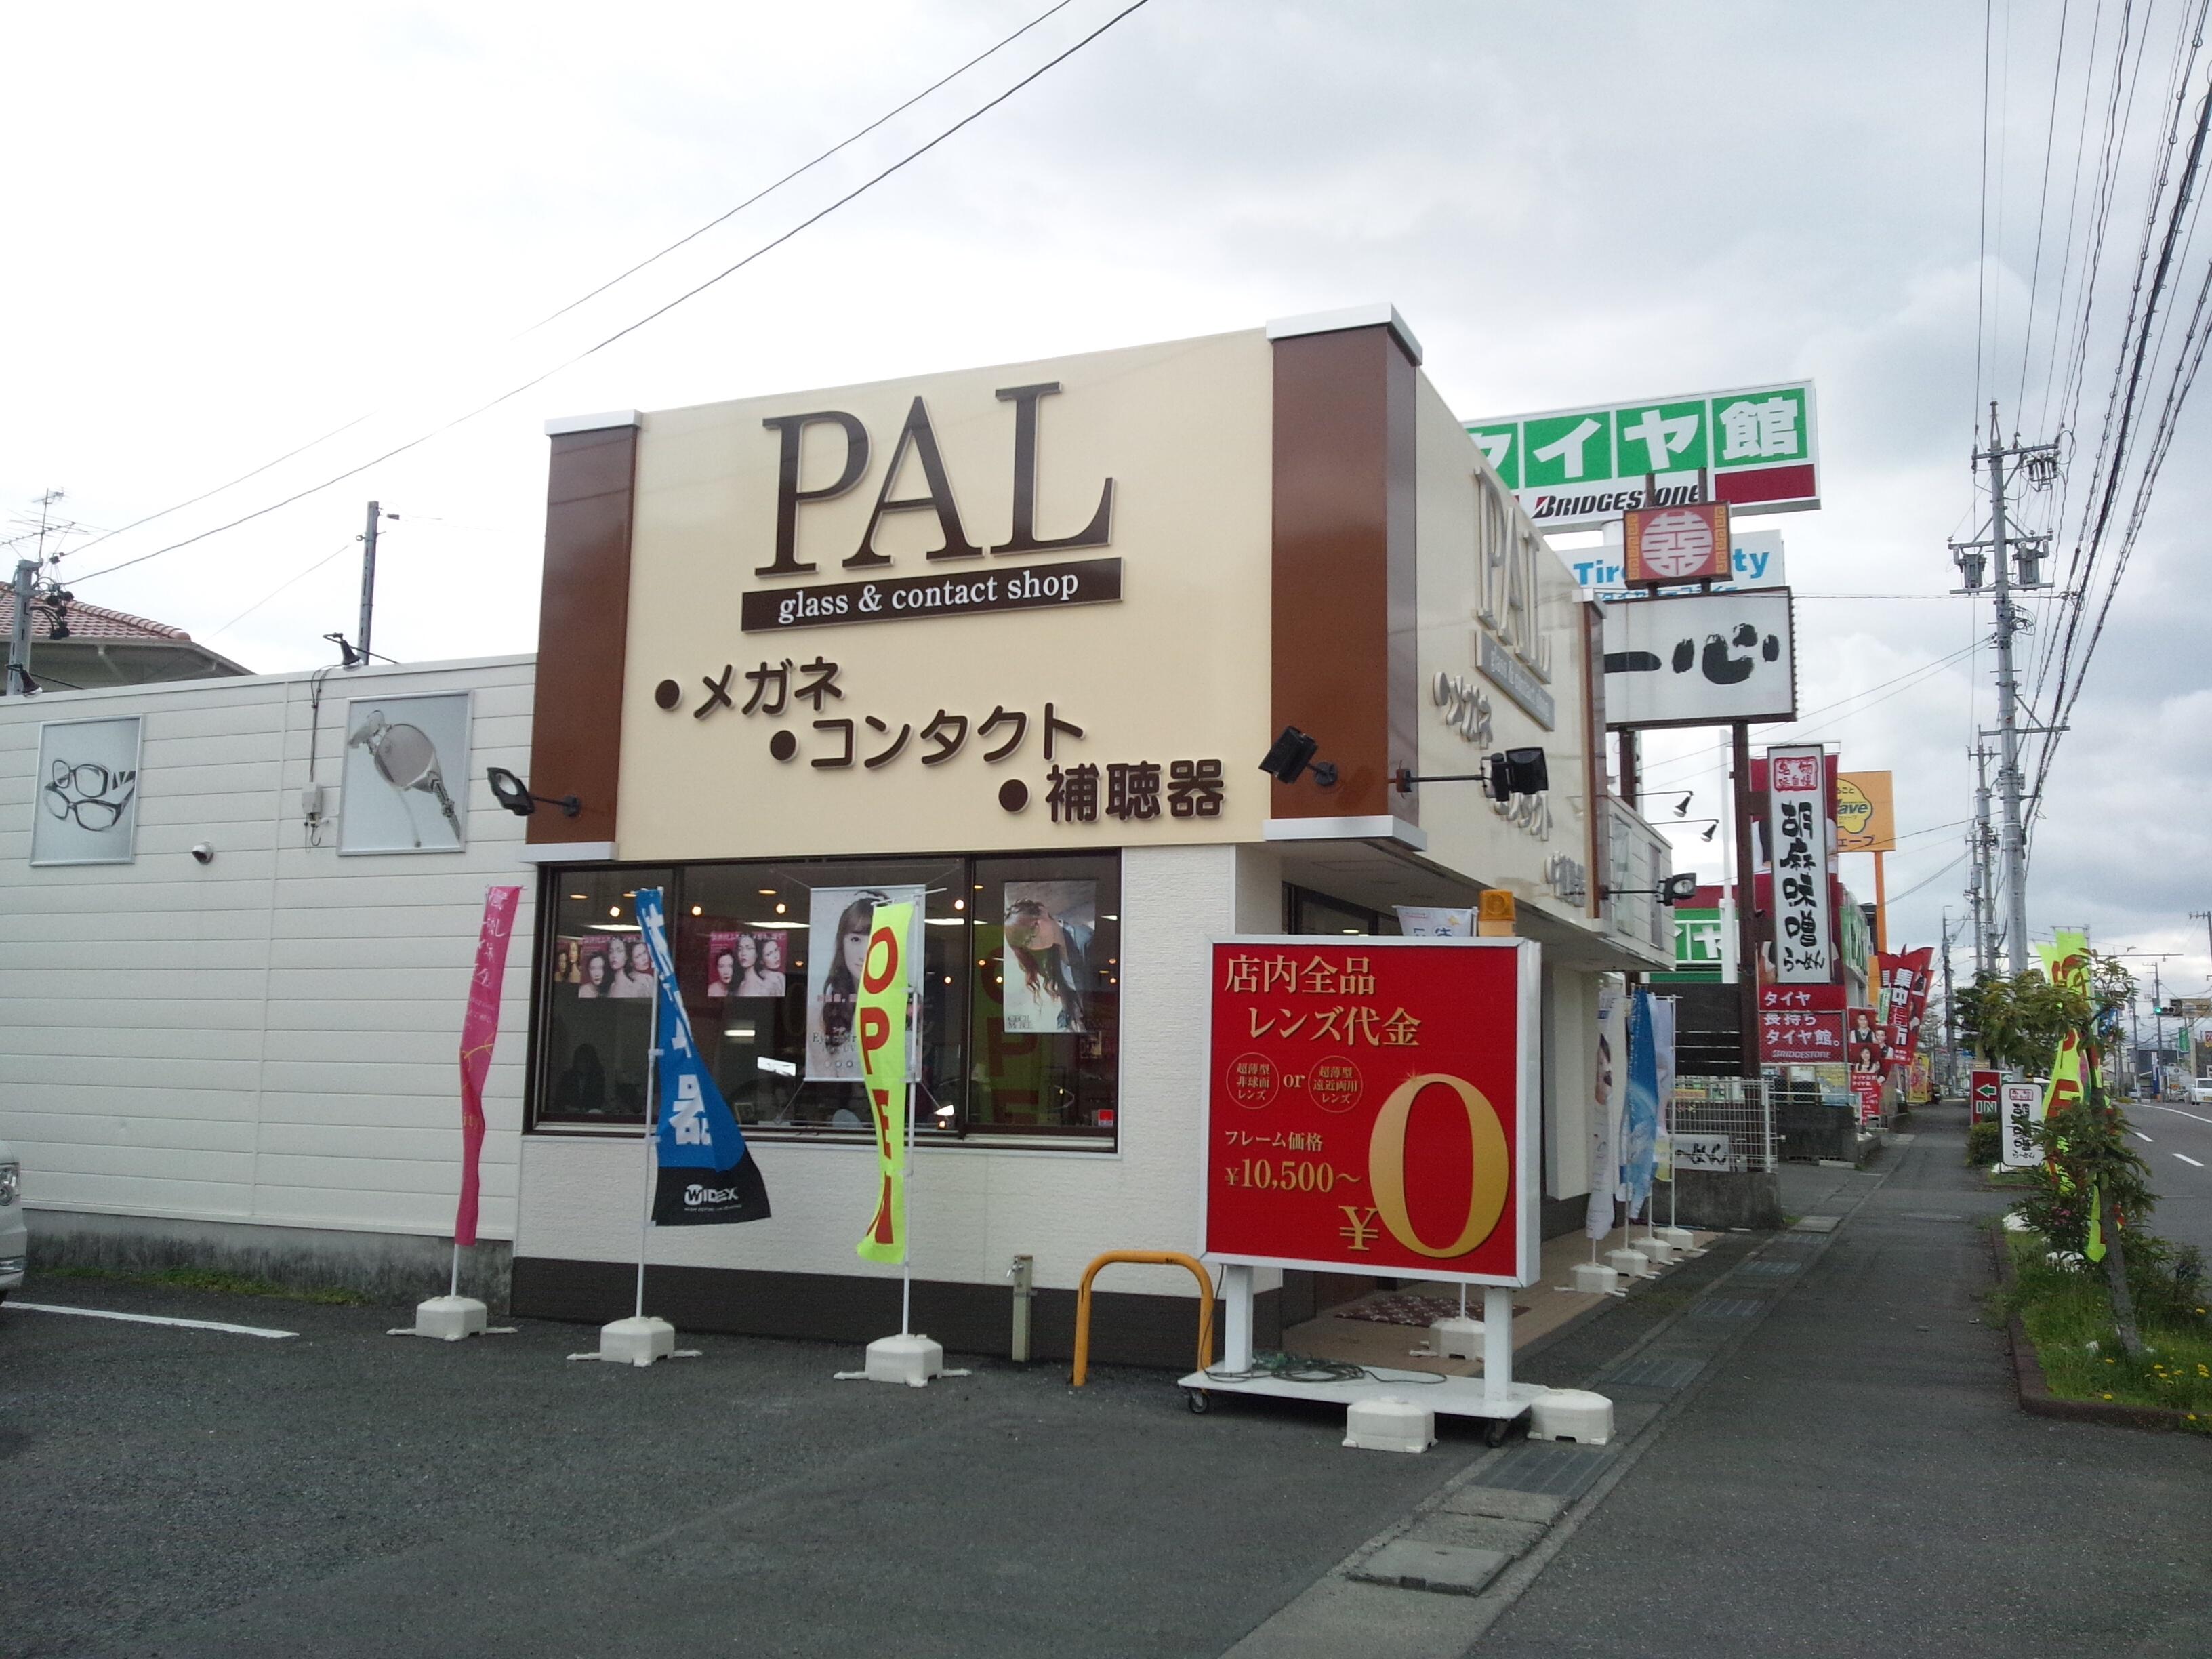 メガネパル(清水店)